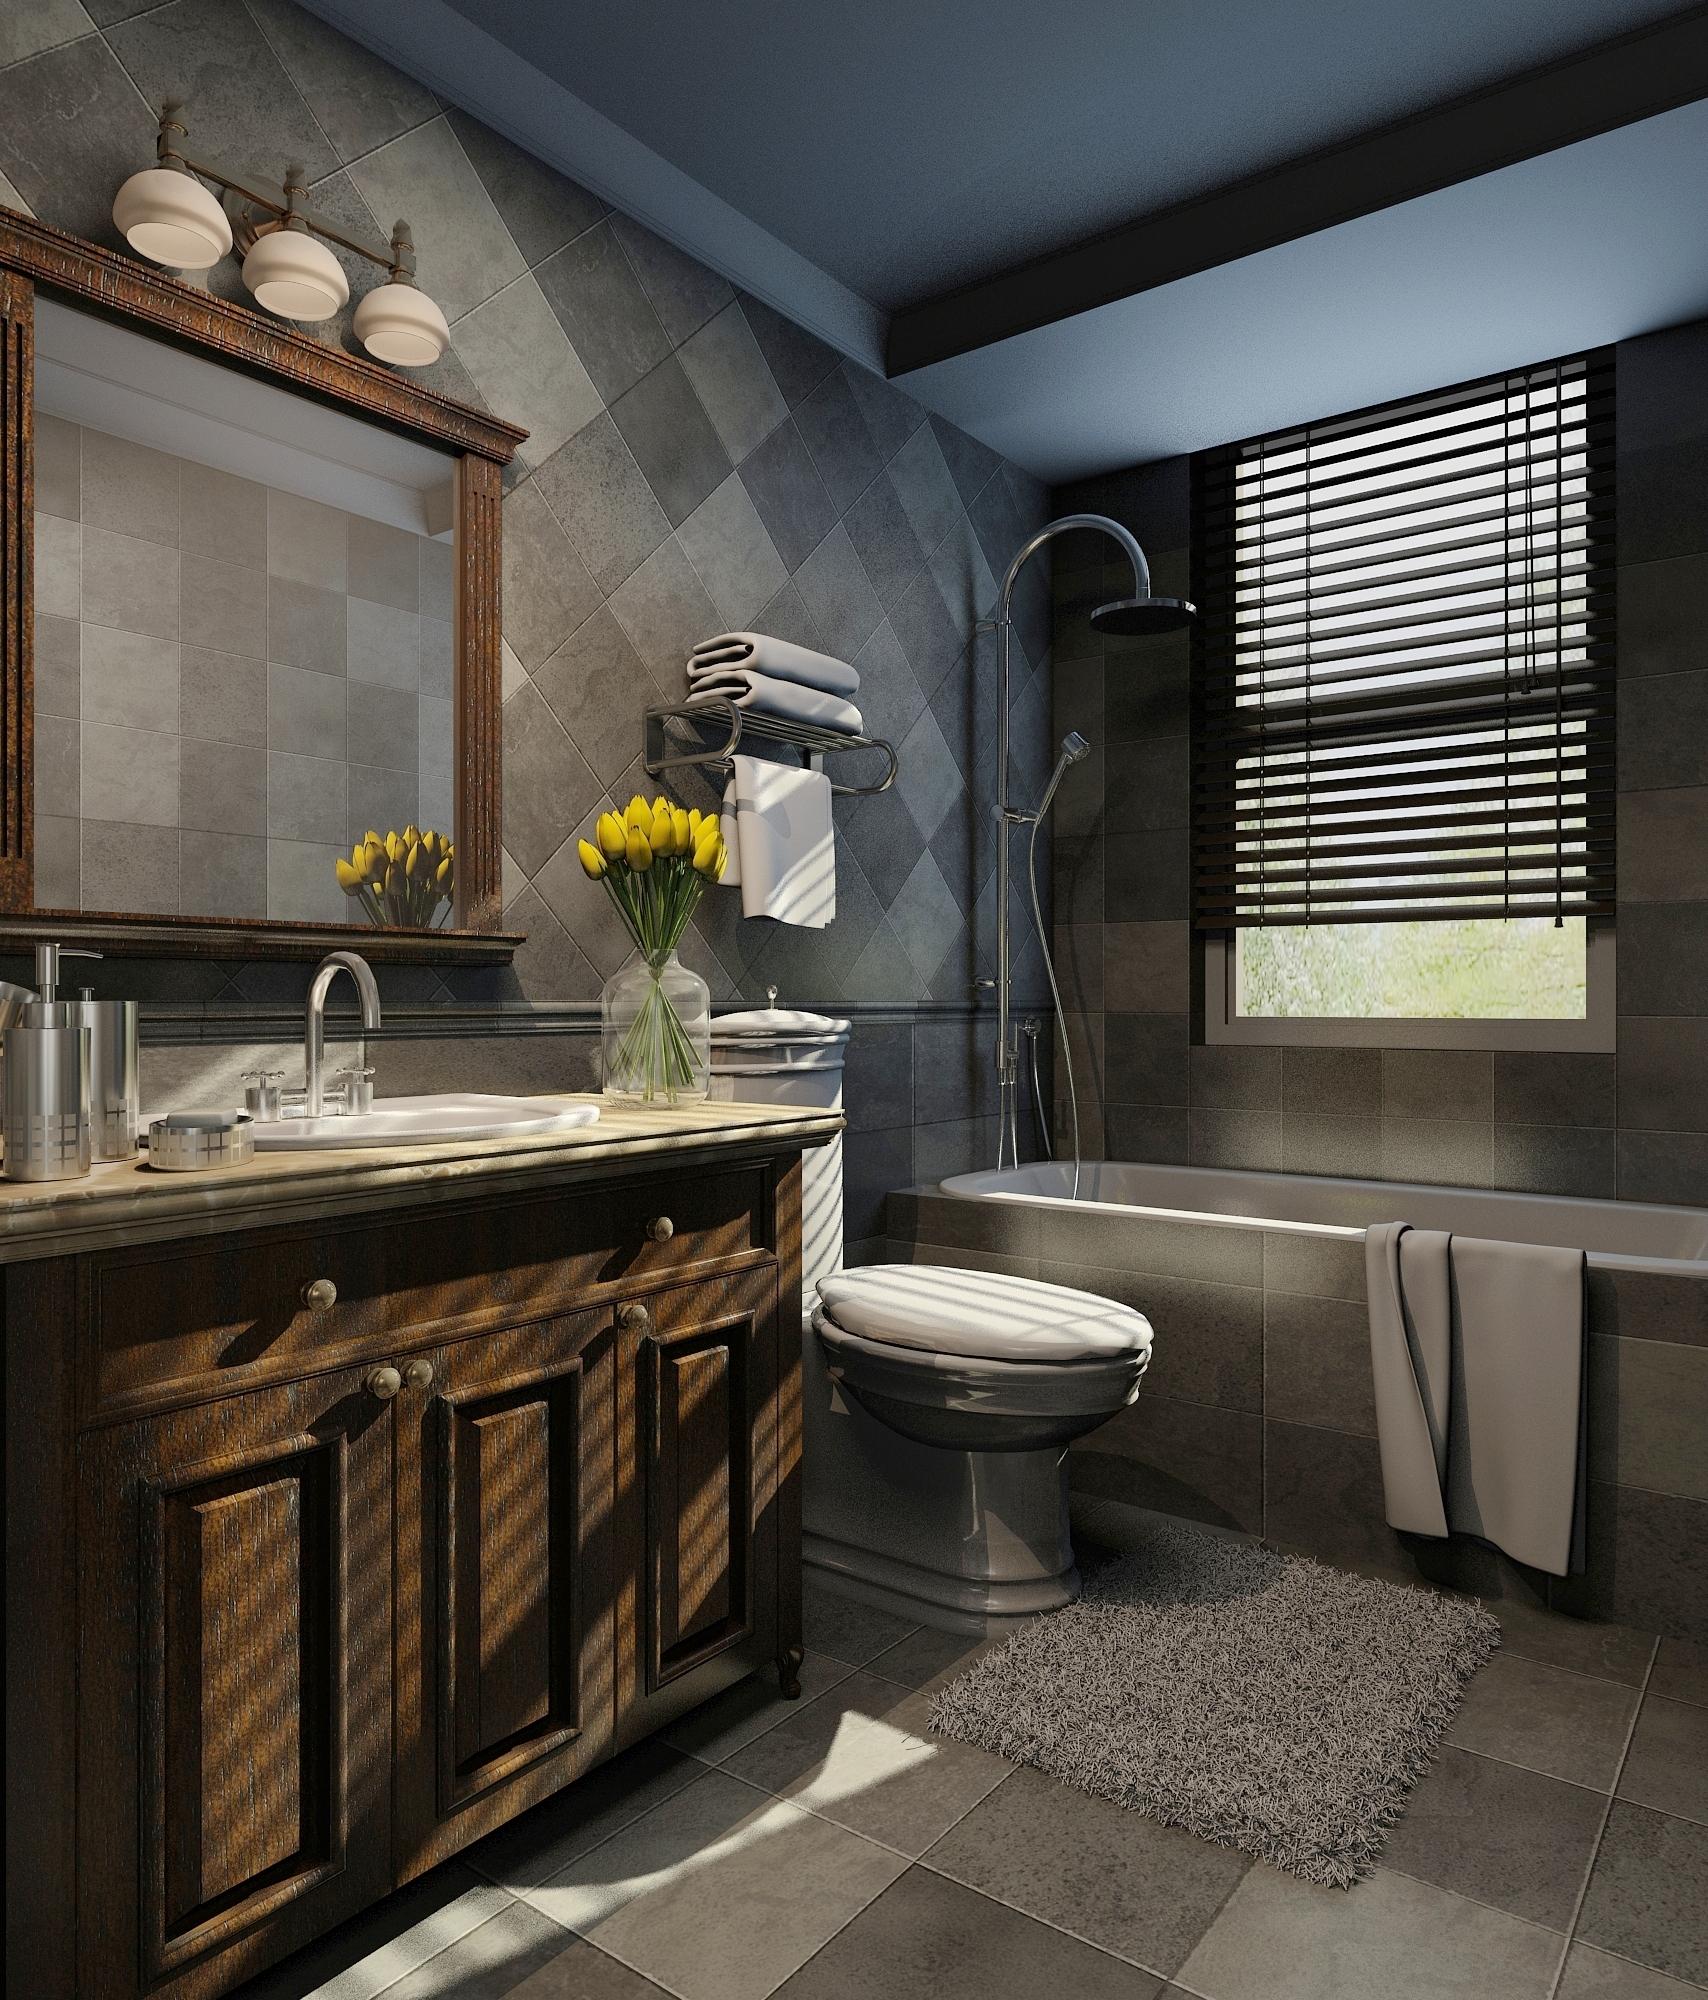 欧式 三居 小资 卫生间图片来自东易力天装饰在鑫苑世纪东城的分享